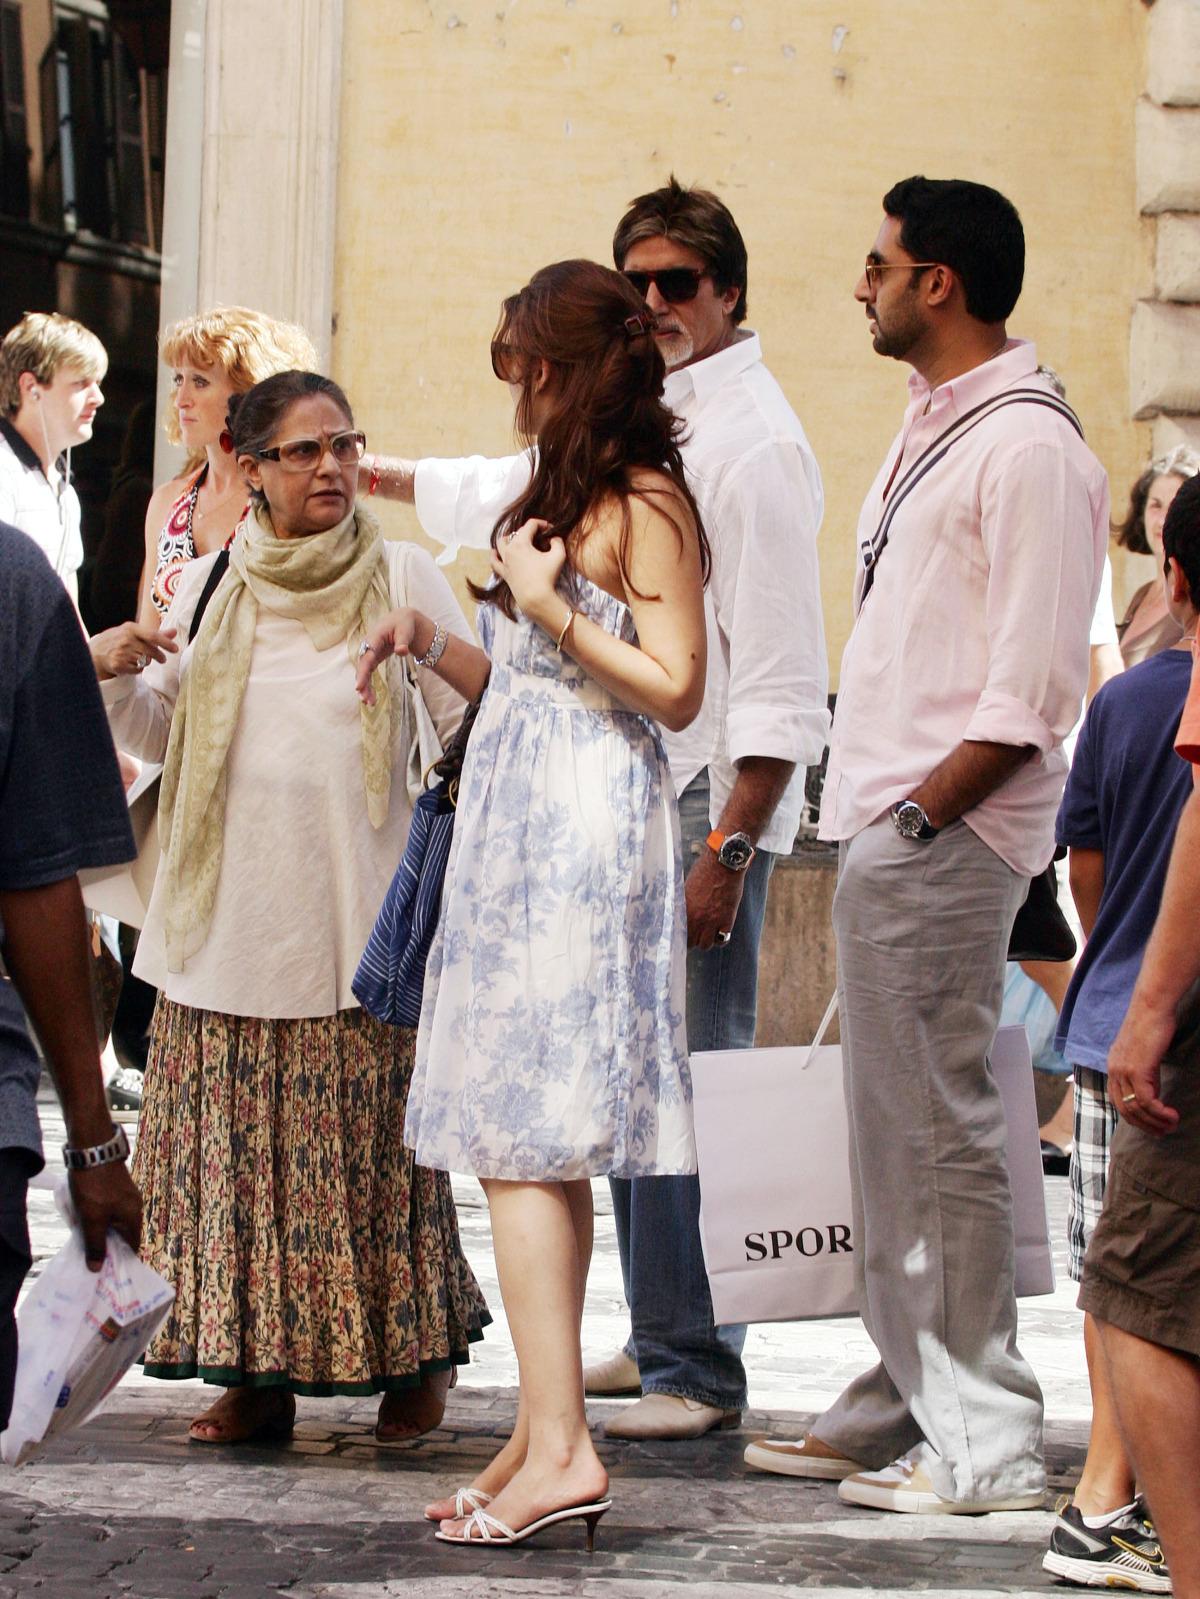 http://2.bp.blogspot.com/_JLsceq2AayQ/TFMMElTSdNI/AAAAAAAADNM/pf6arZdhDY4/s1600/Bachchan-8.jpg